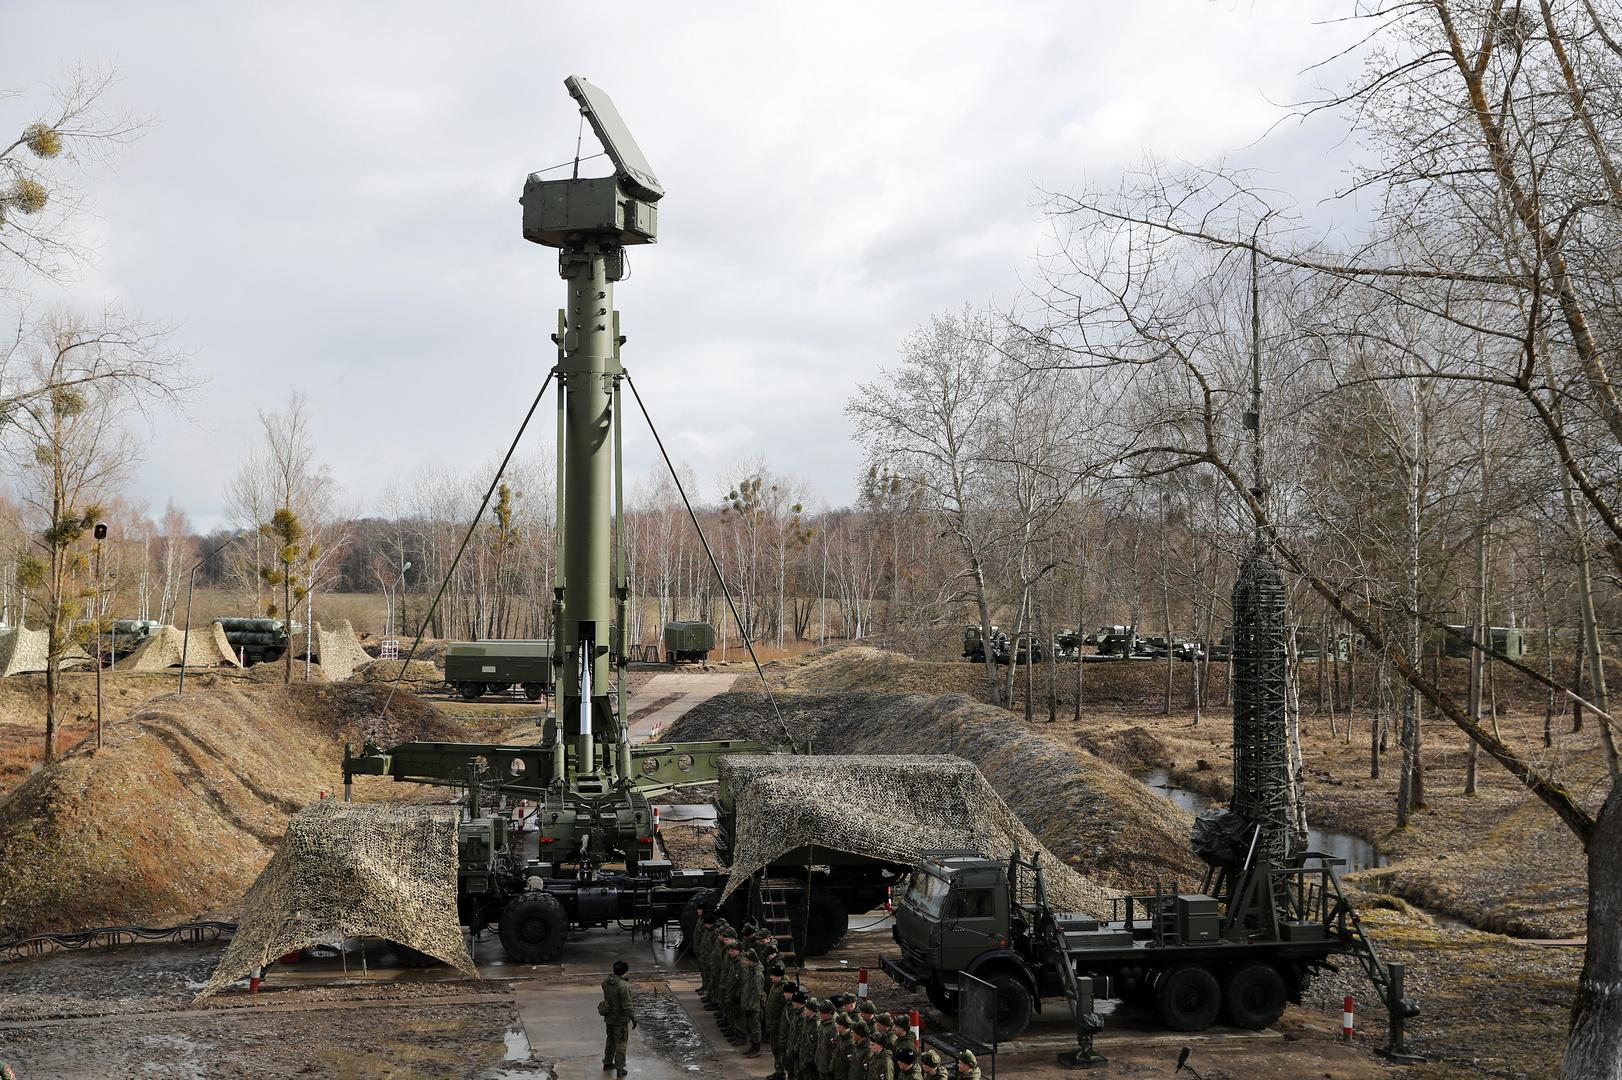 القواعد العسكرية الروسية في الخارج: أين تقع وما ضرورتها؟